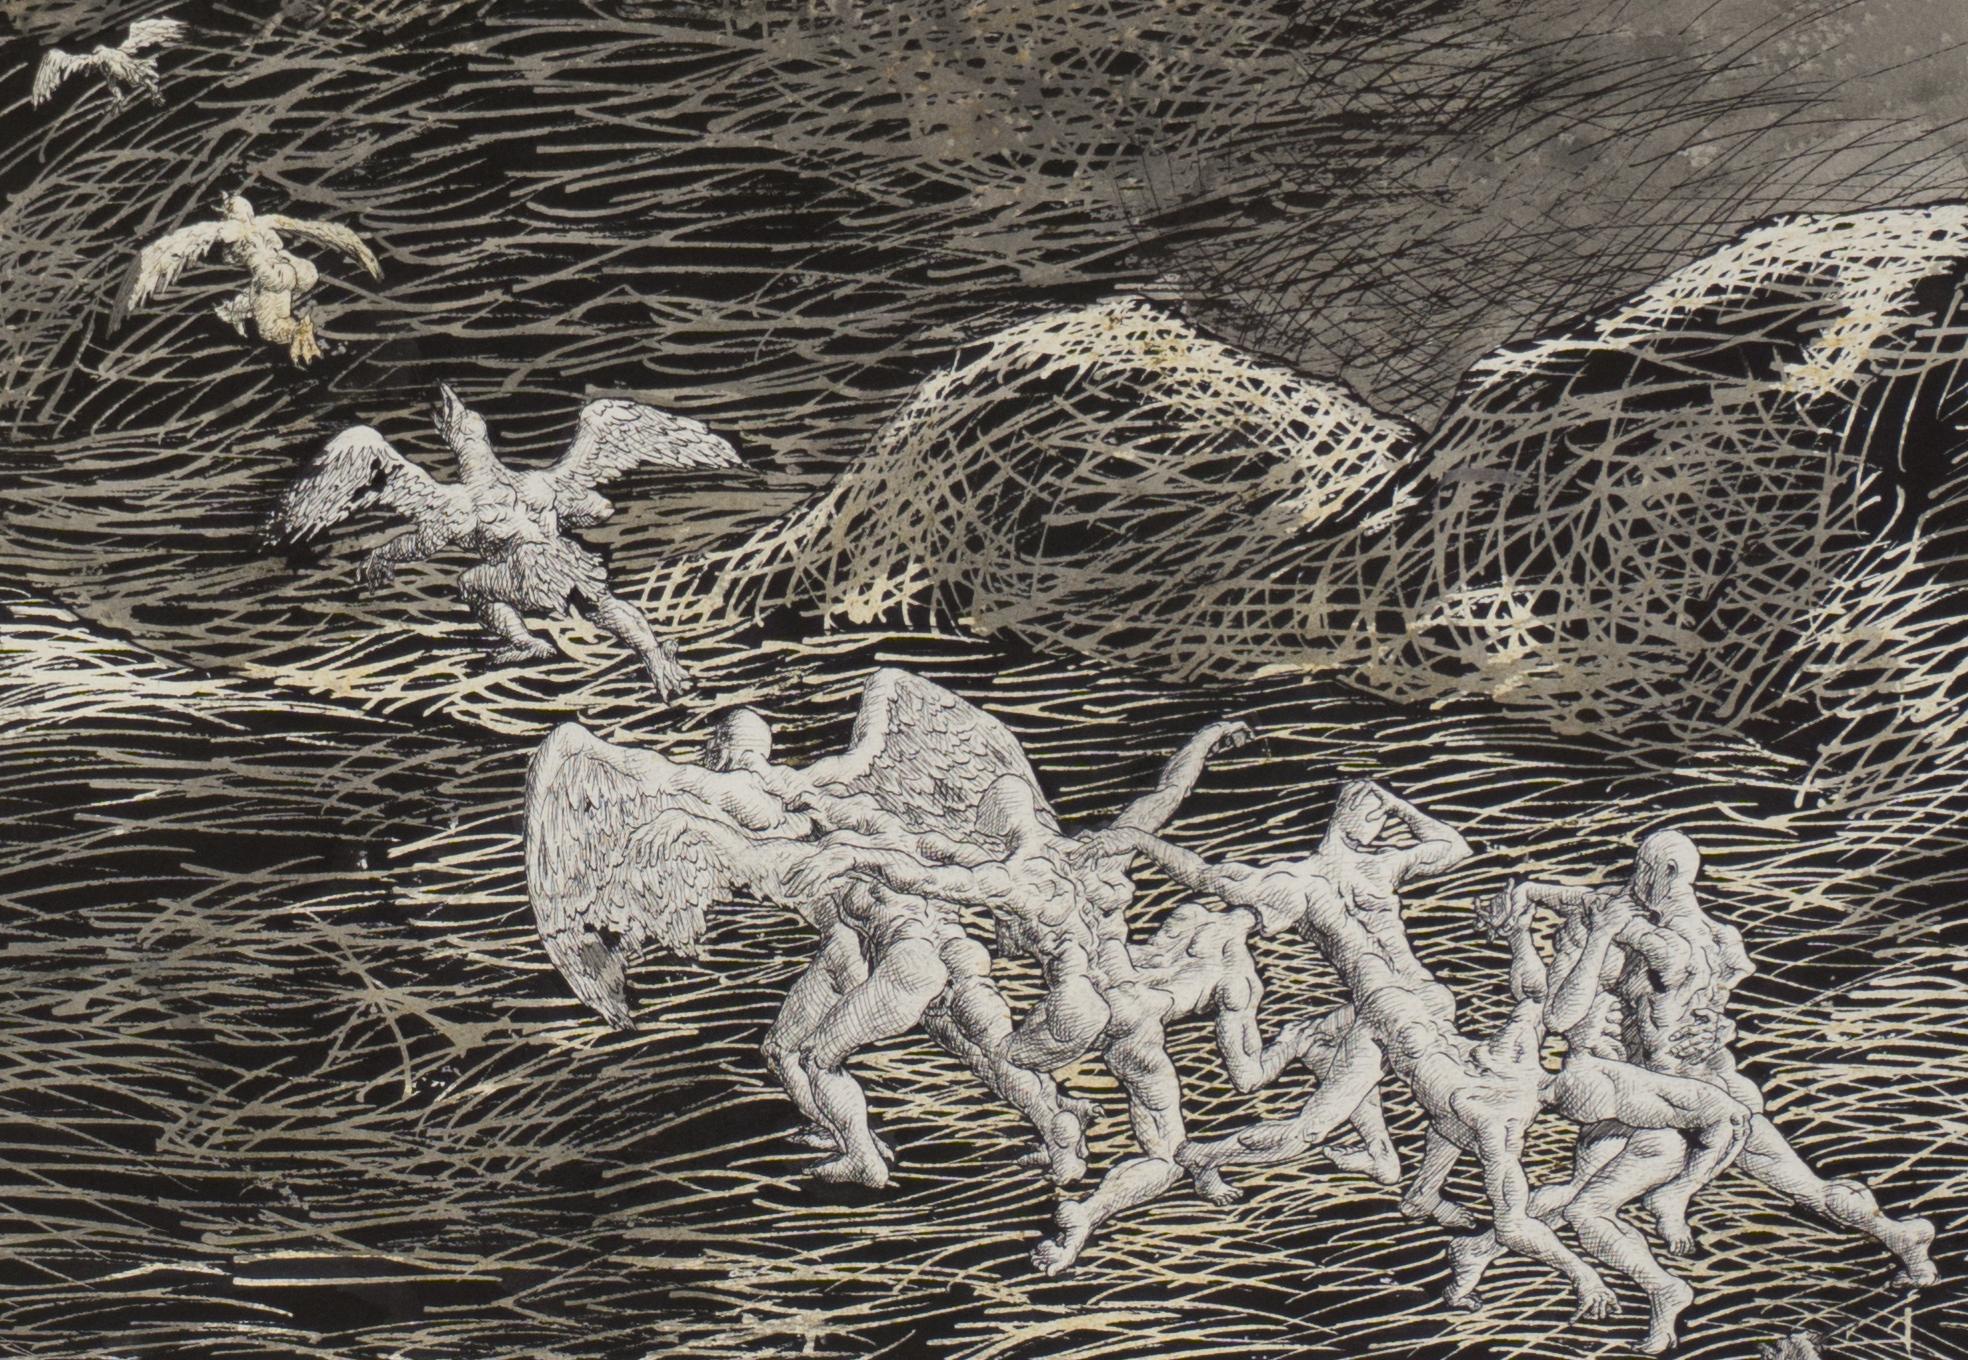 scroll-birds.jpg